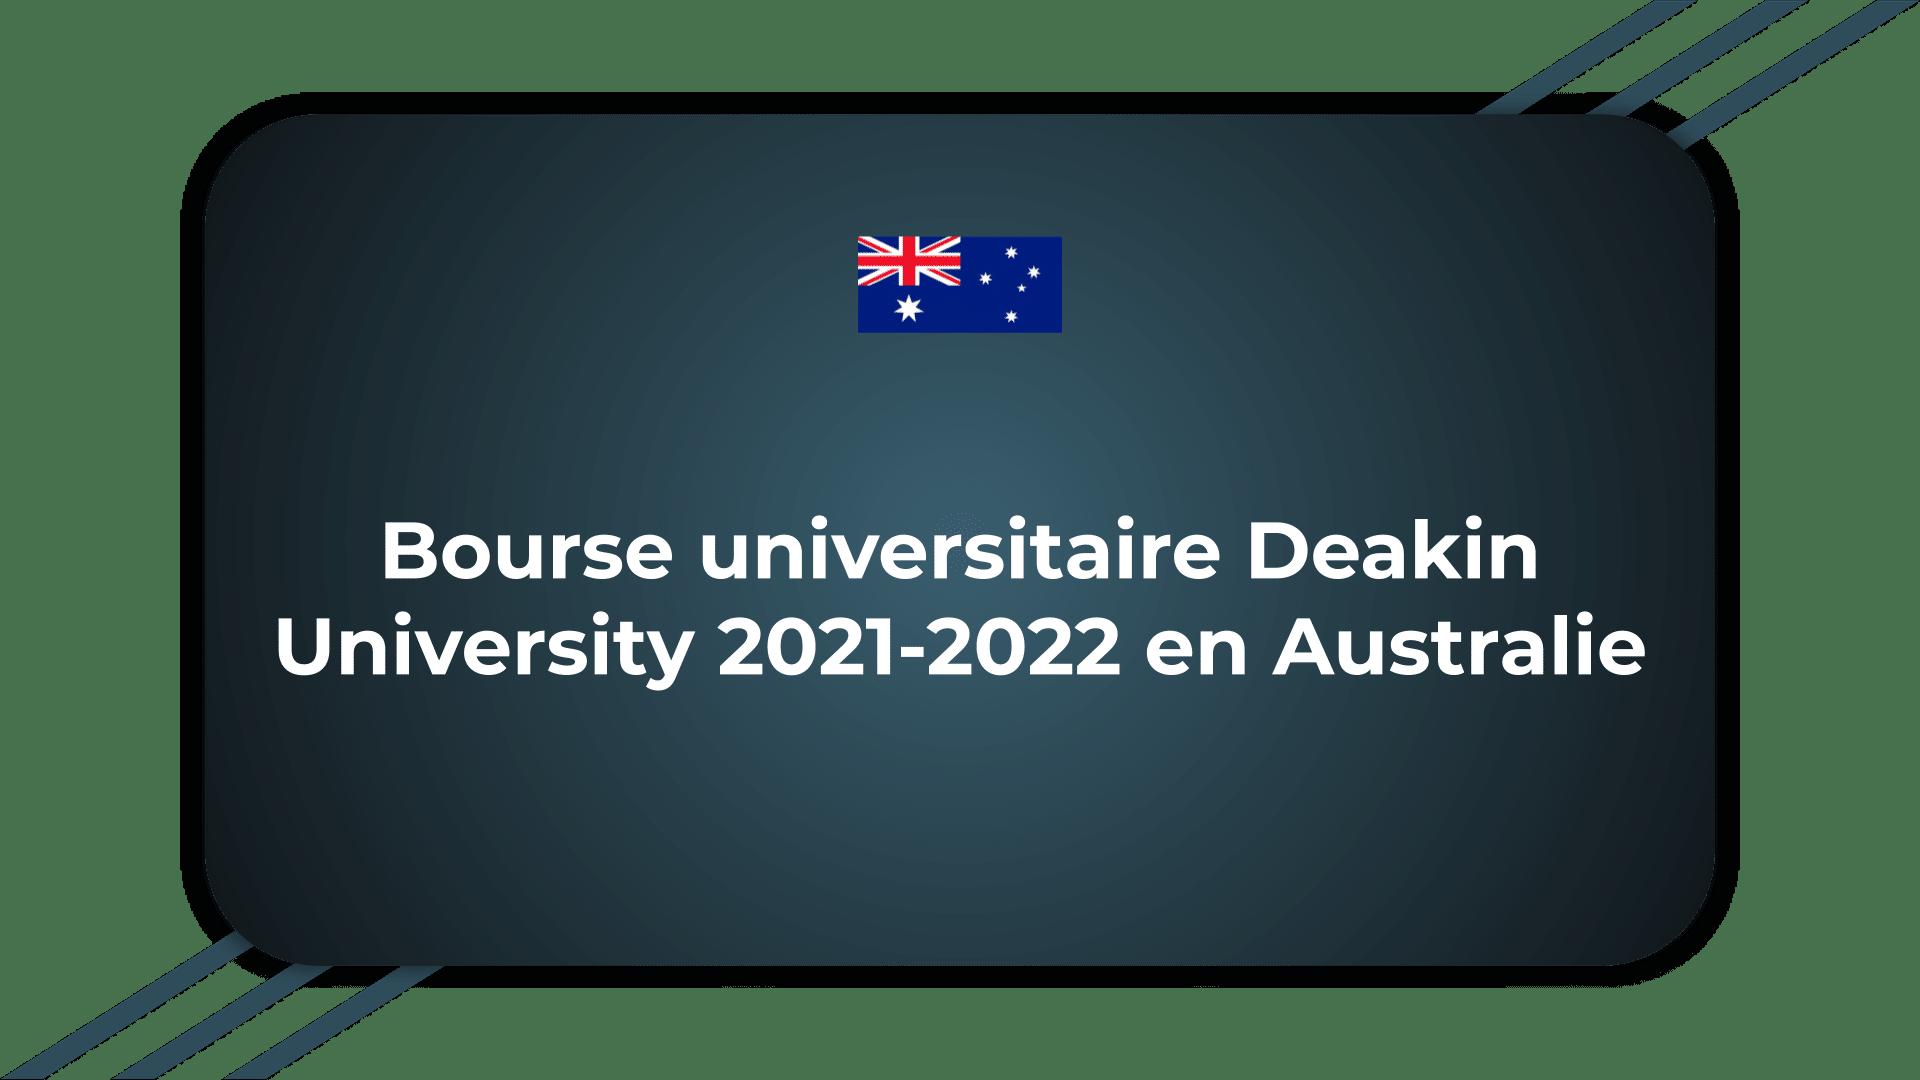 Bourse universitaire Deakin University